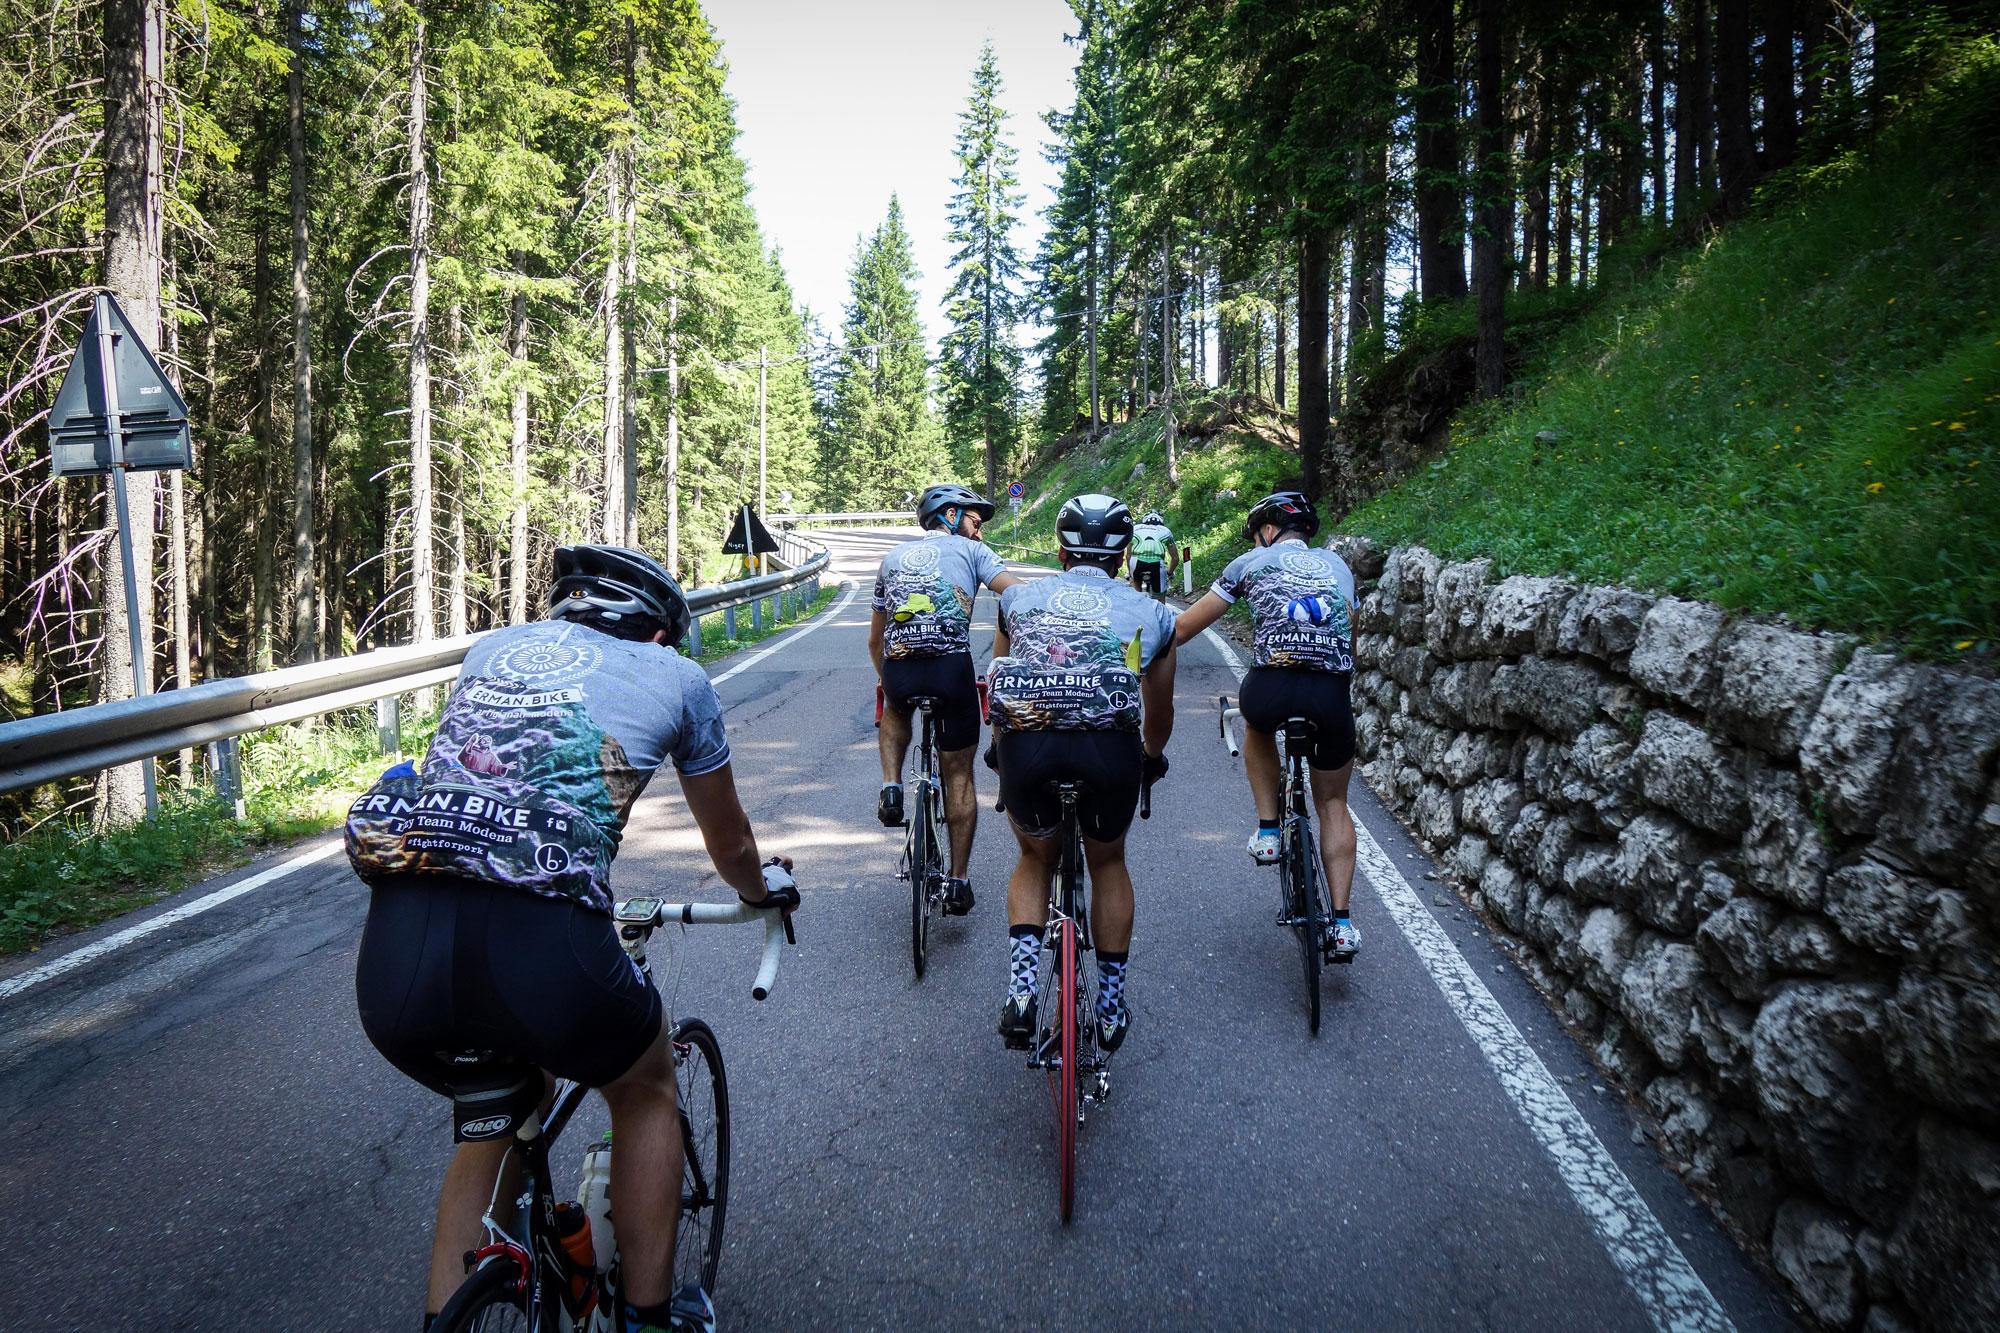 erman_bike_fassa_gardeccia_fedaia_baldo_lazy_team-6